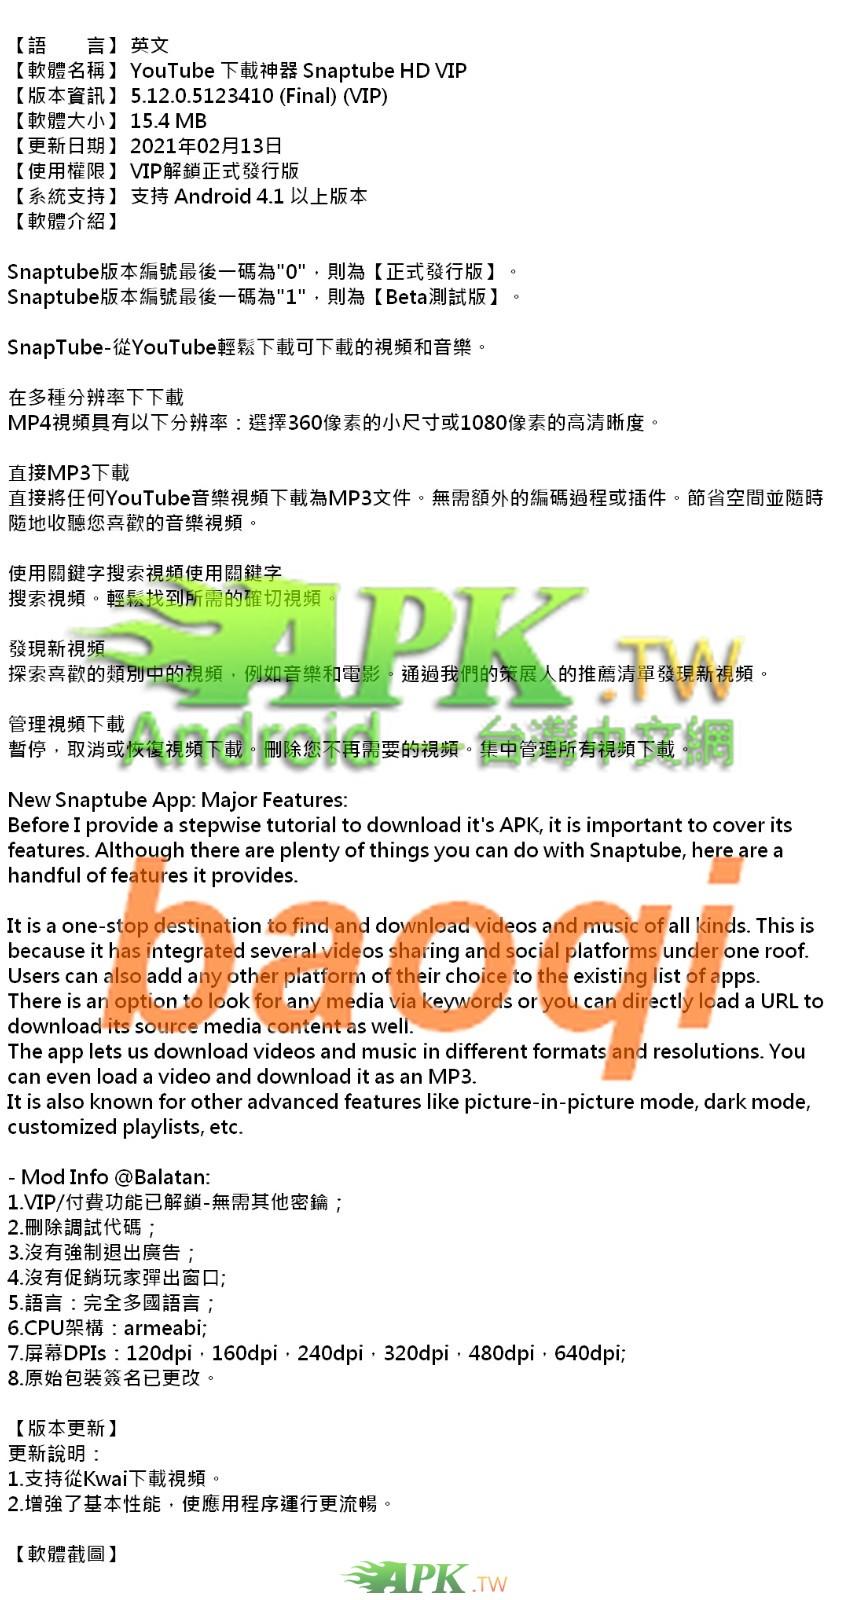 Snaptube_VIP_5.12.0.5123410 APK_.jpg